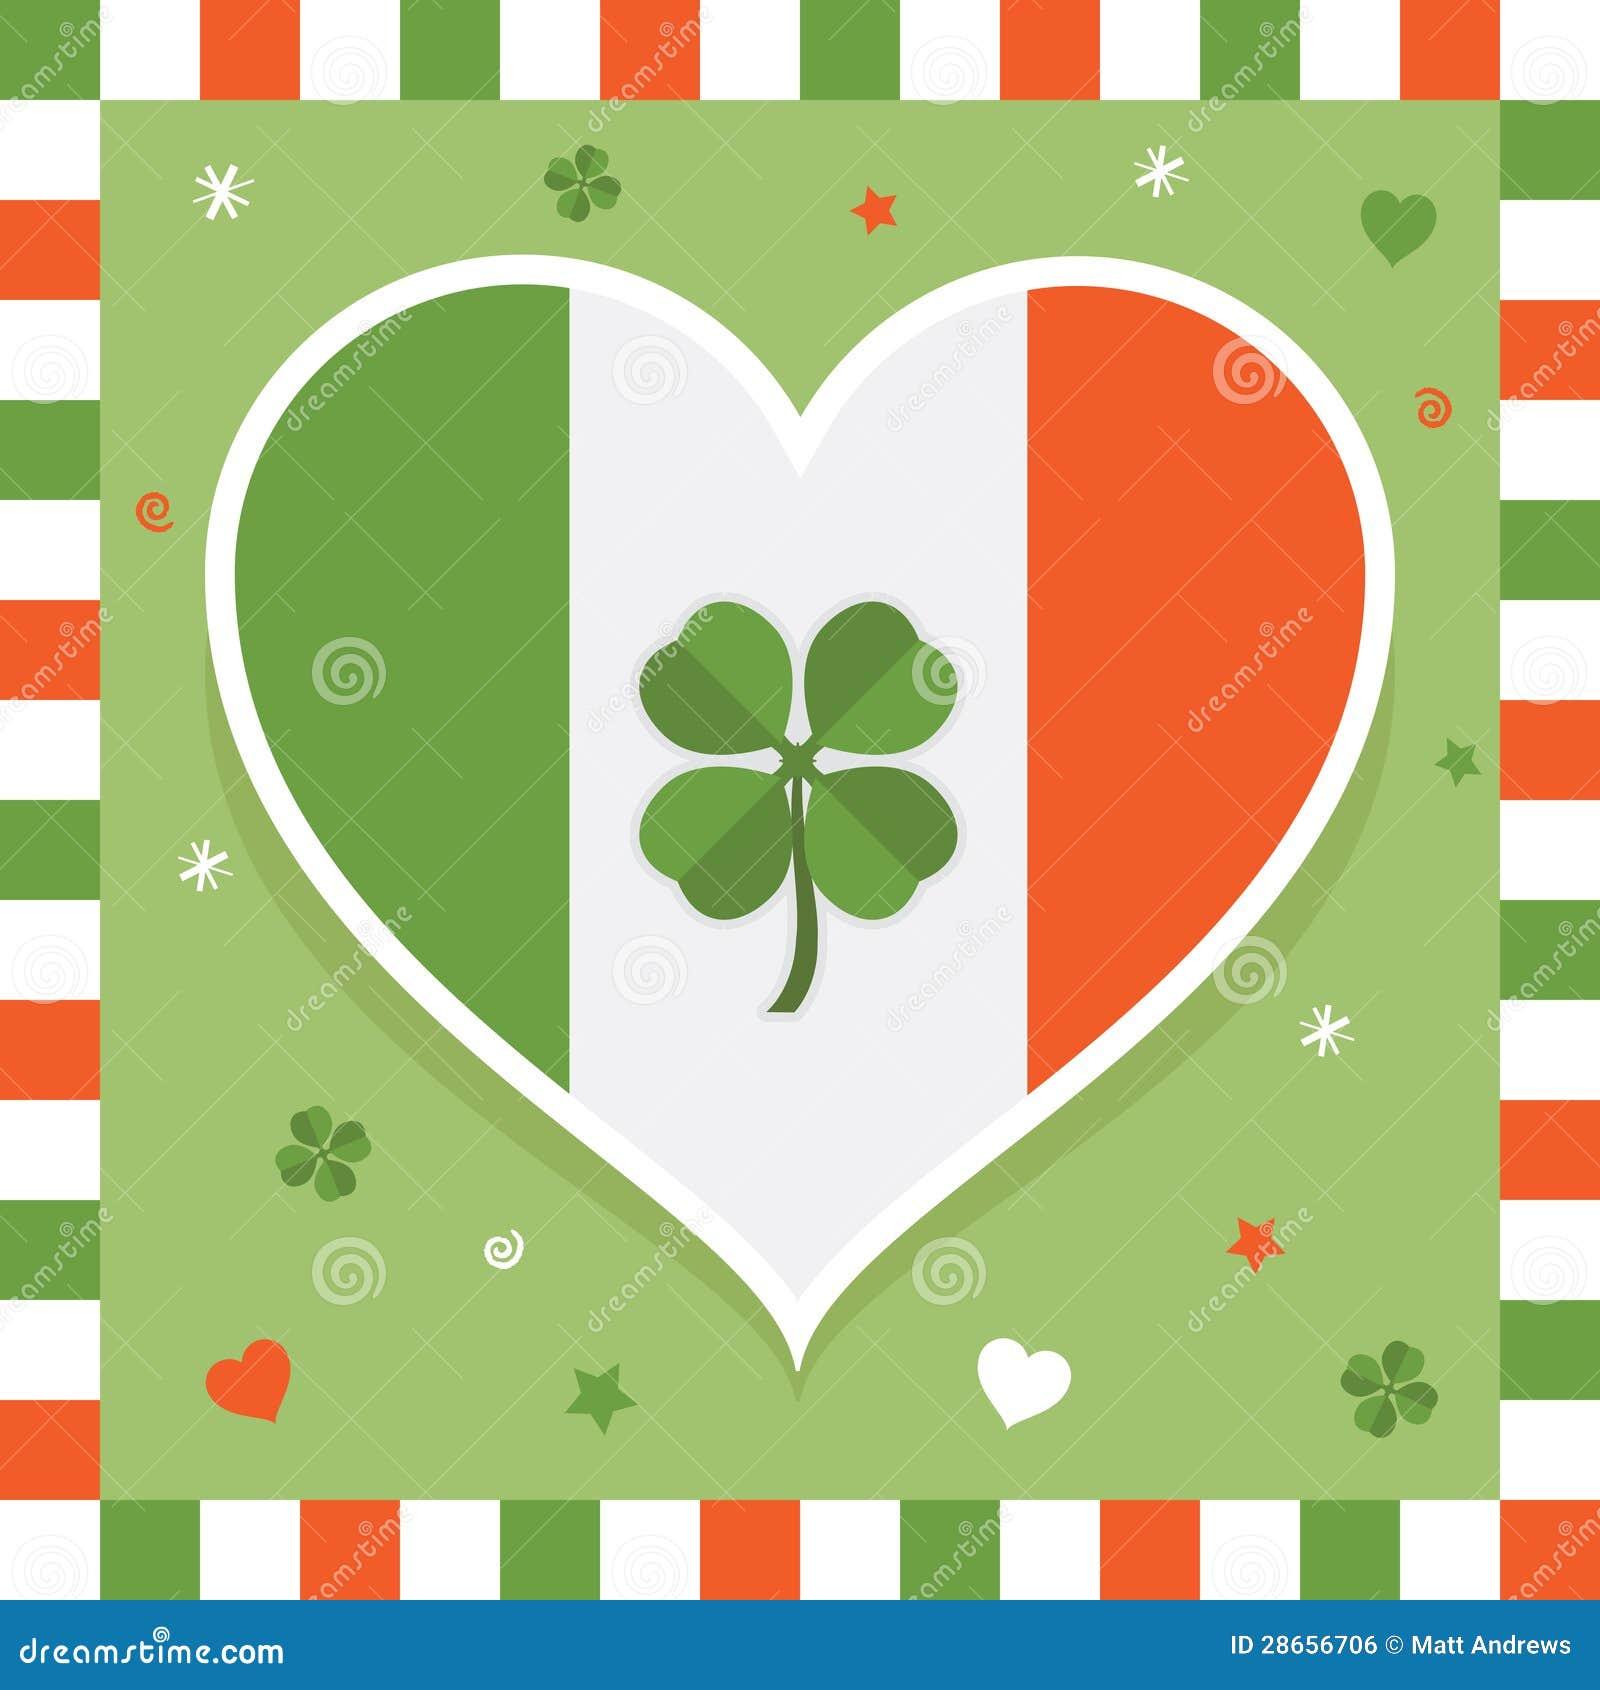 d coration irlandaise image libre de droits image 28656706